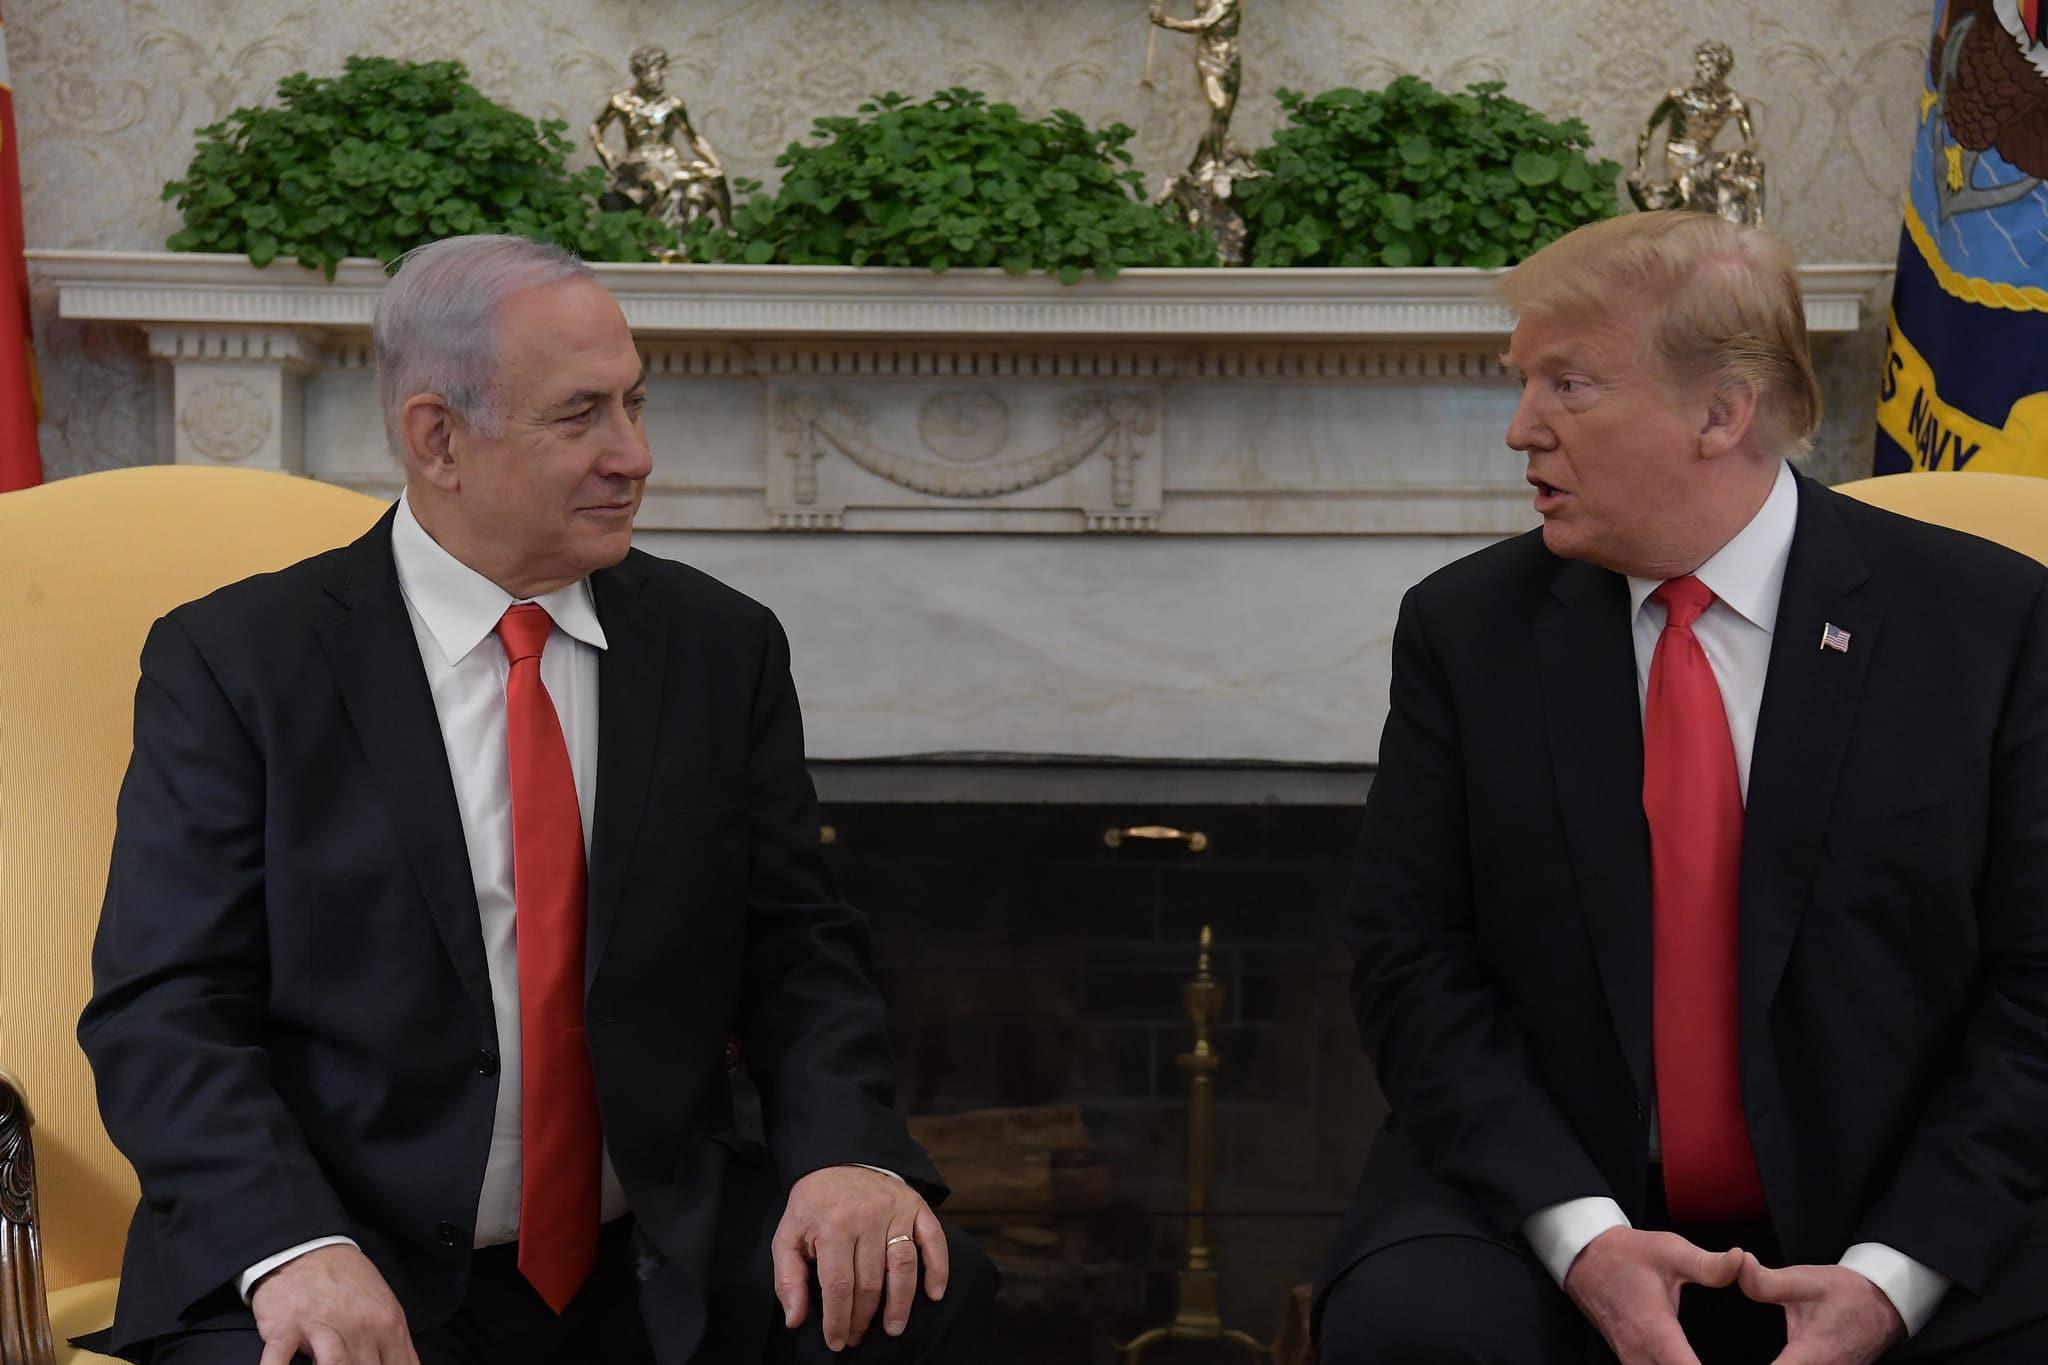 Что это за «сделка века» между Израилем и Палестиной, и при чем здесь Дональд Трамп? Объясняем все доступным языком